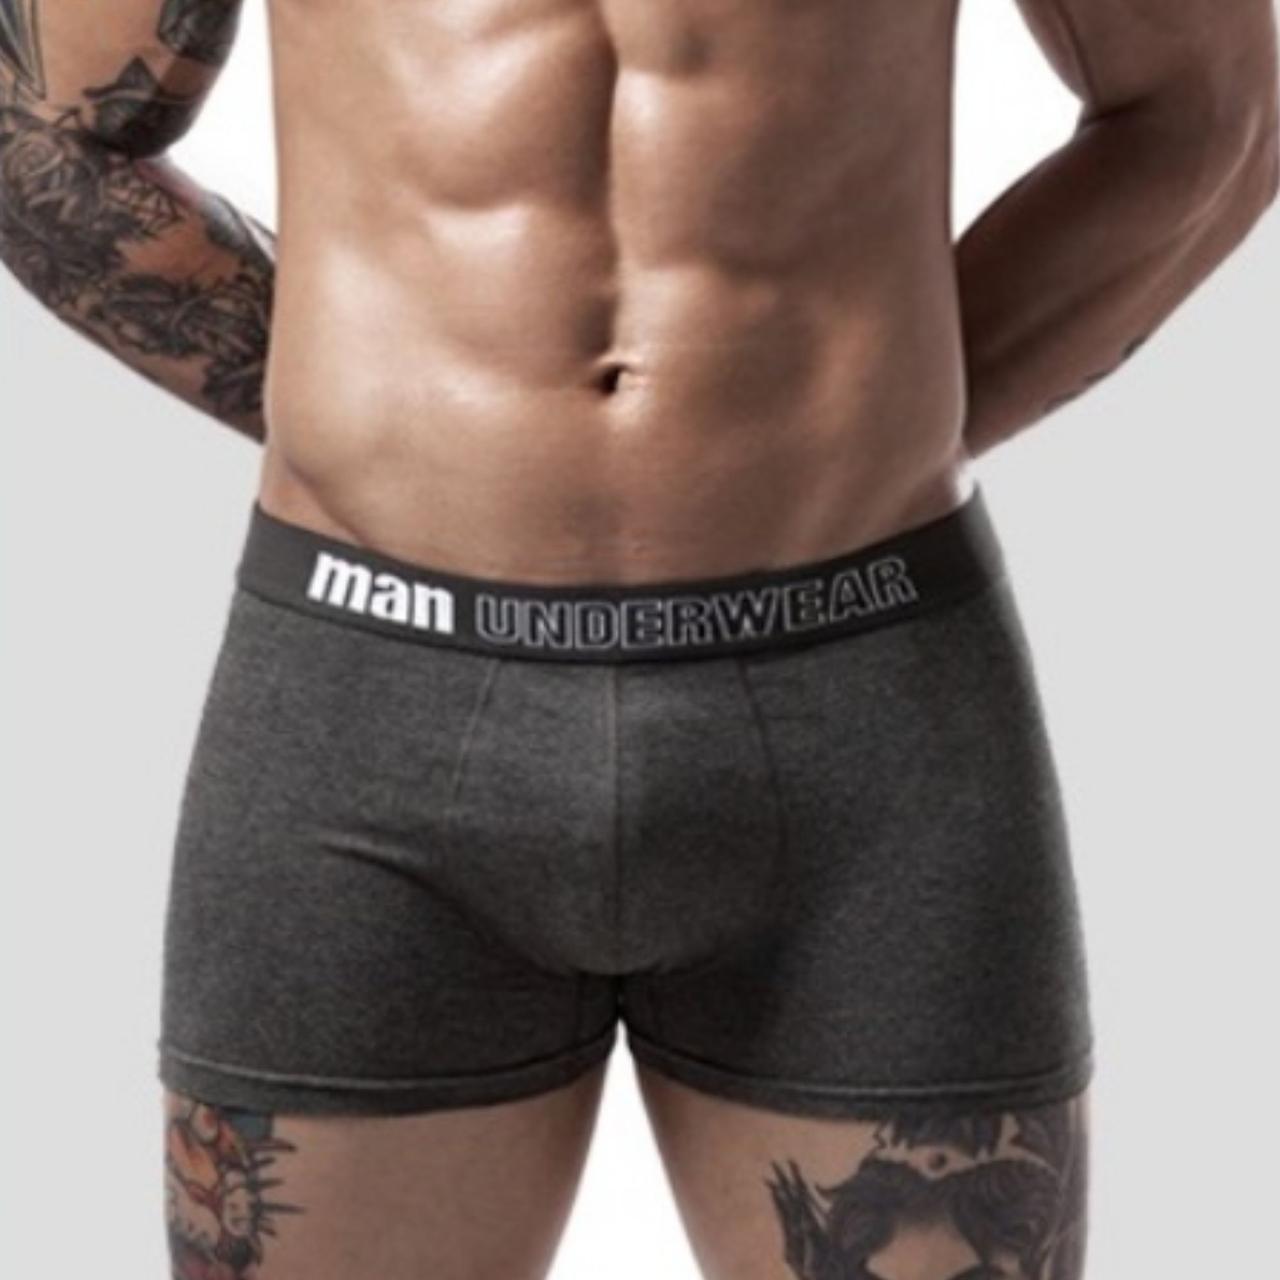 Мужские трусы боксеры транки Man Underwear 2019 5 цветов хлопок